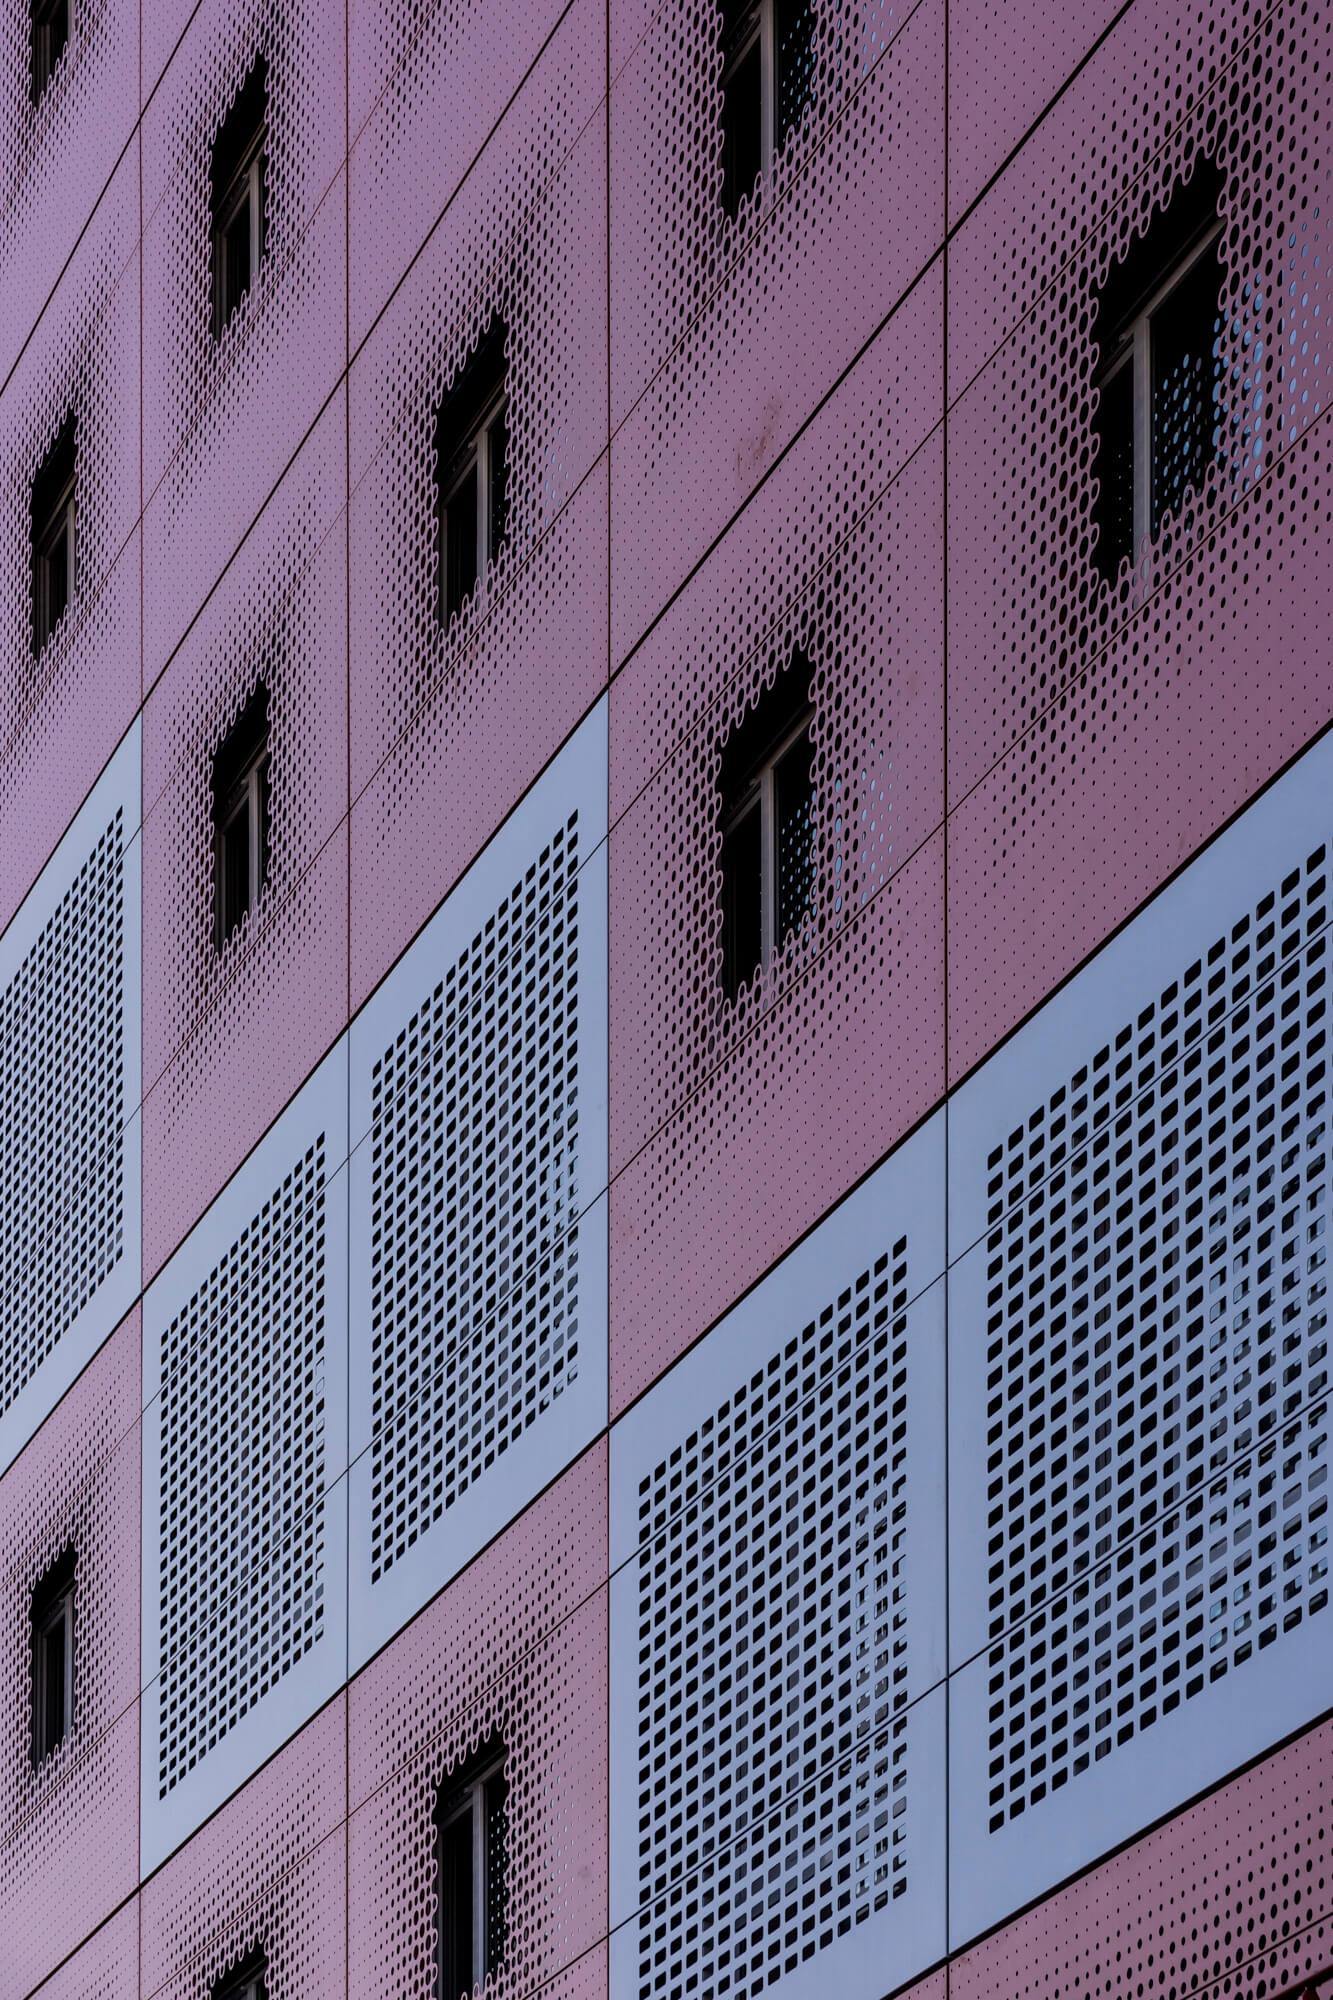 architecture photographie photographe paris BFV 2en1 Come bocabeille studio cob architecture paris photo